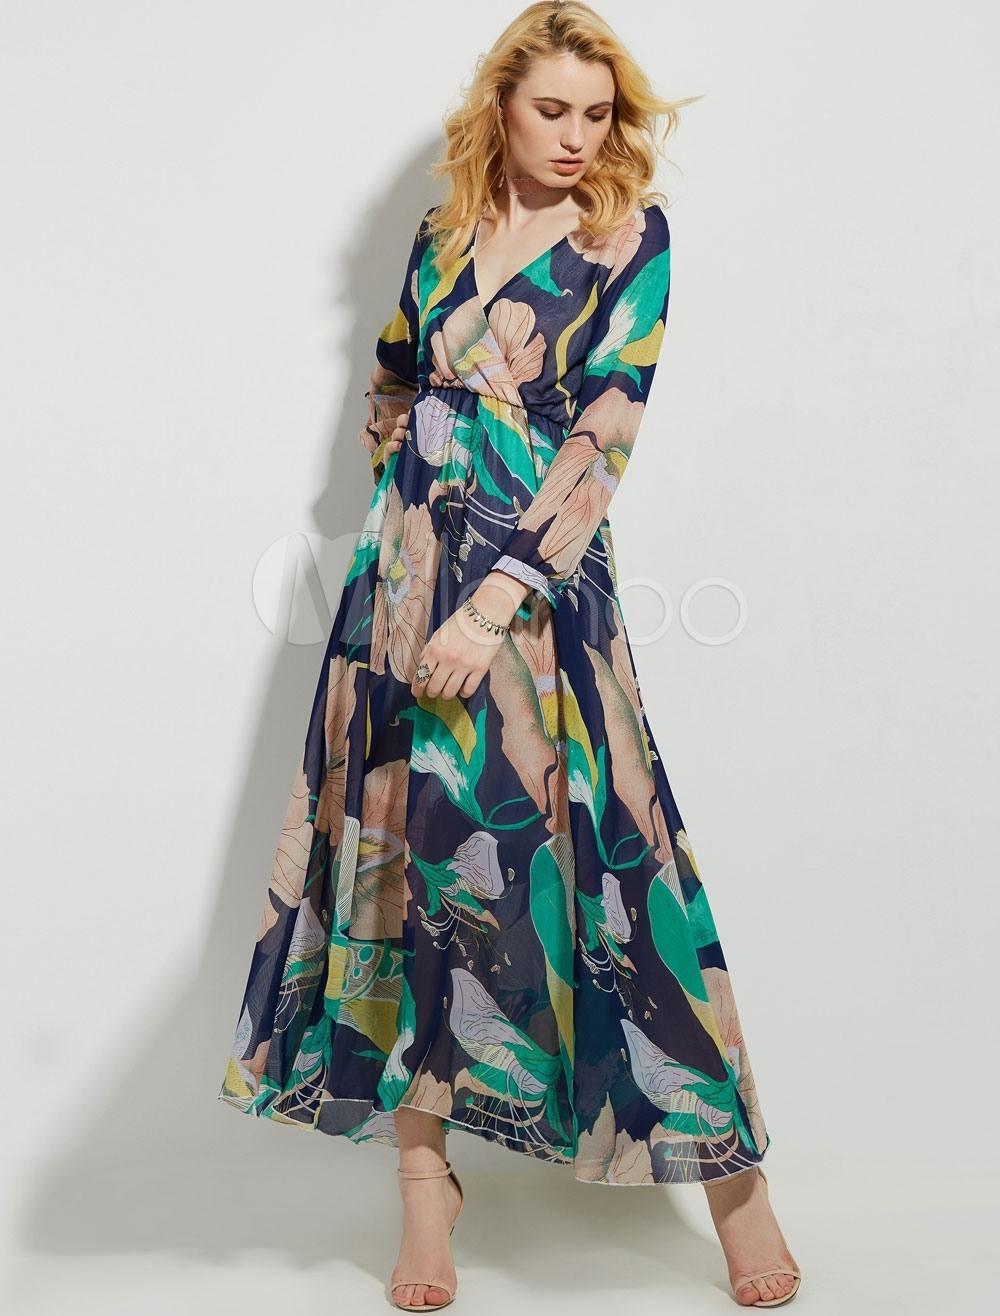 Formal Spektakulär Langes Schickes Kleid StylishAbend Cool Langes Schickes Kleid Spezialgebiet